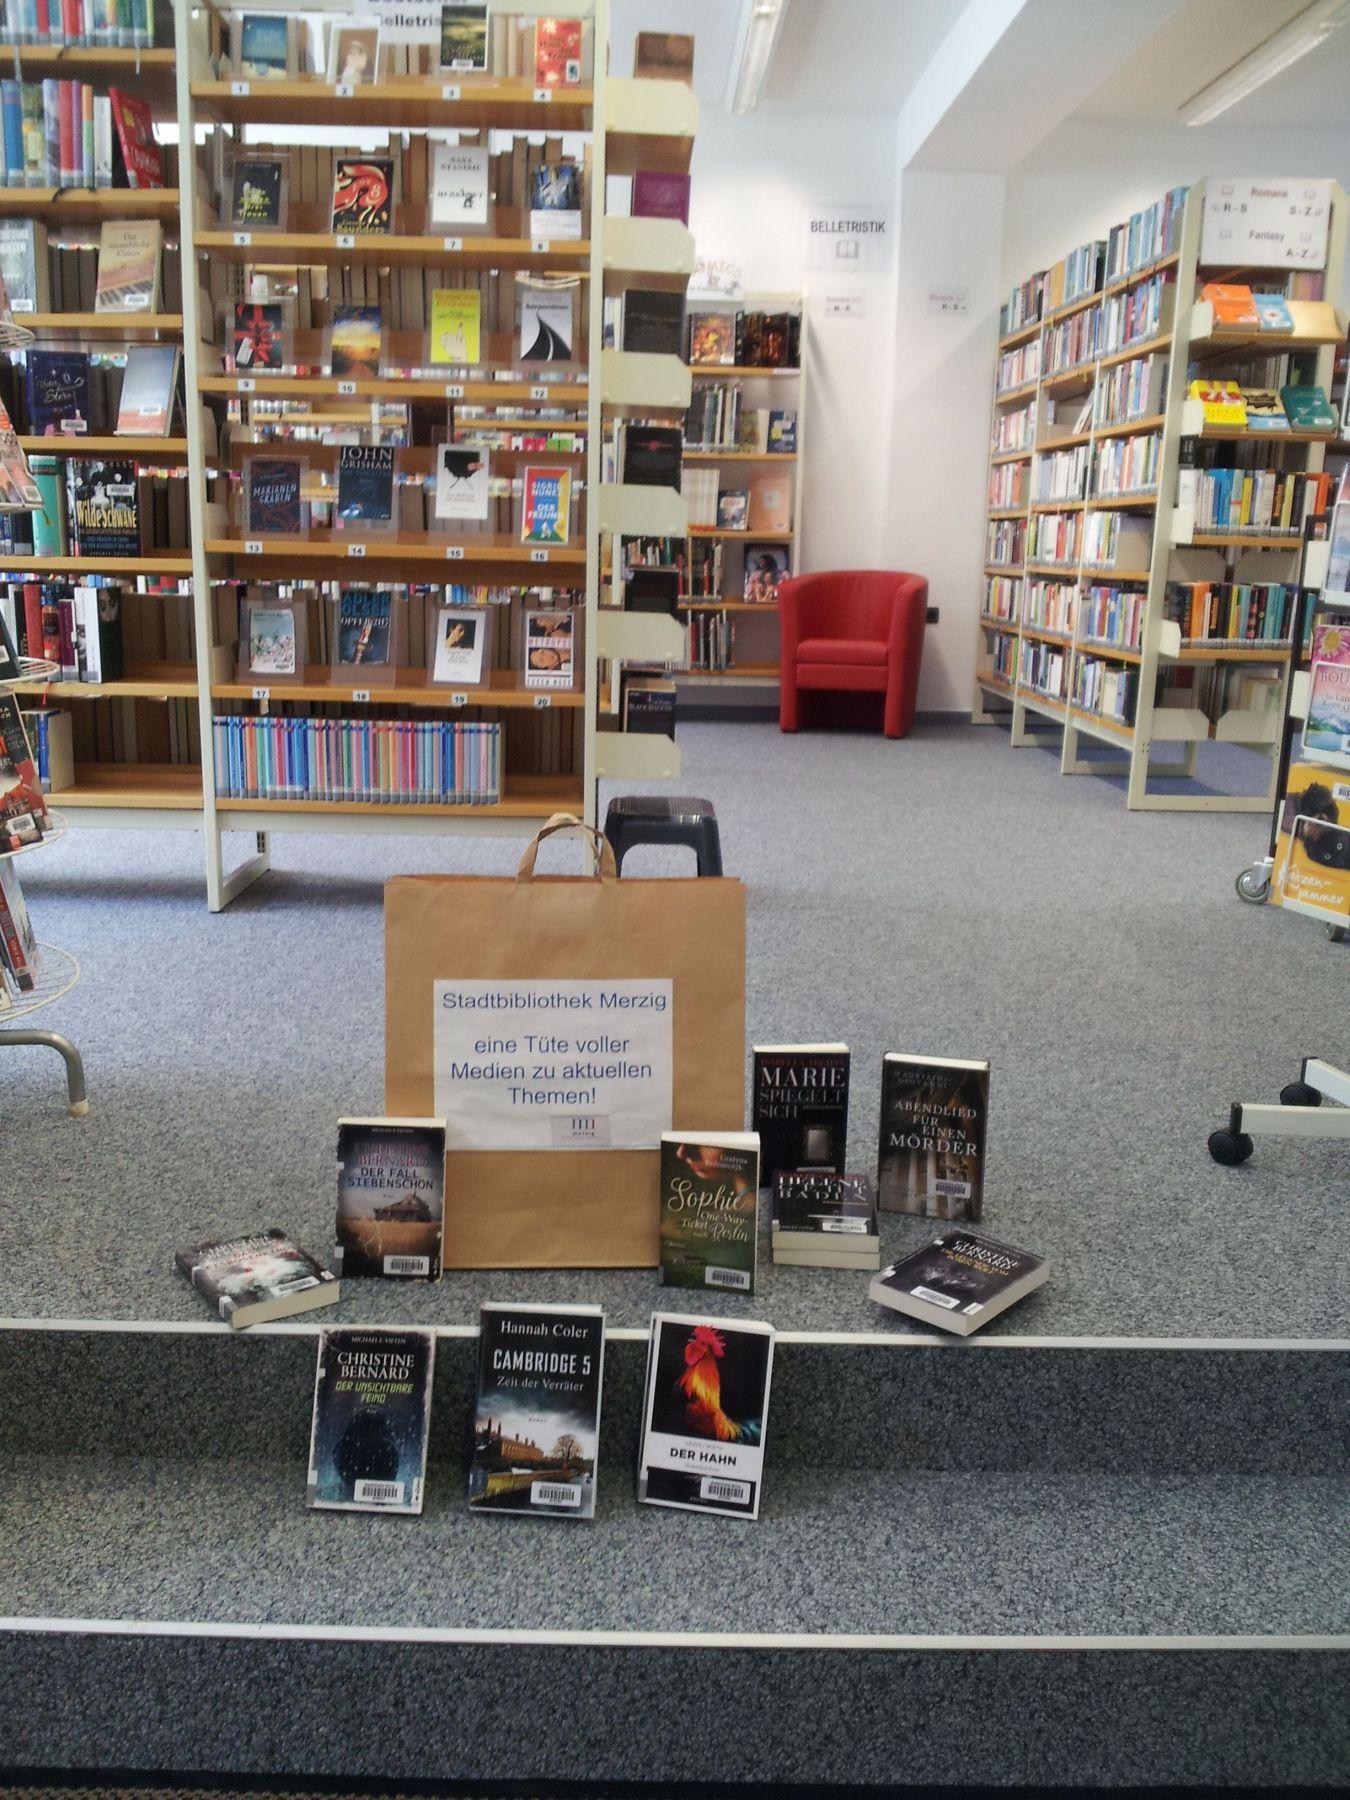 Das Bild zeigt eine Medientüte der Stadtbibliothek mit verschiedenen Büchern.